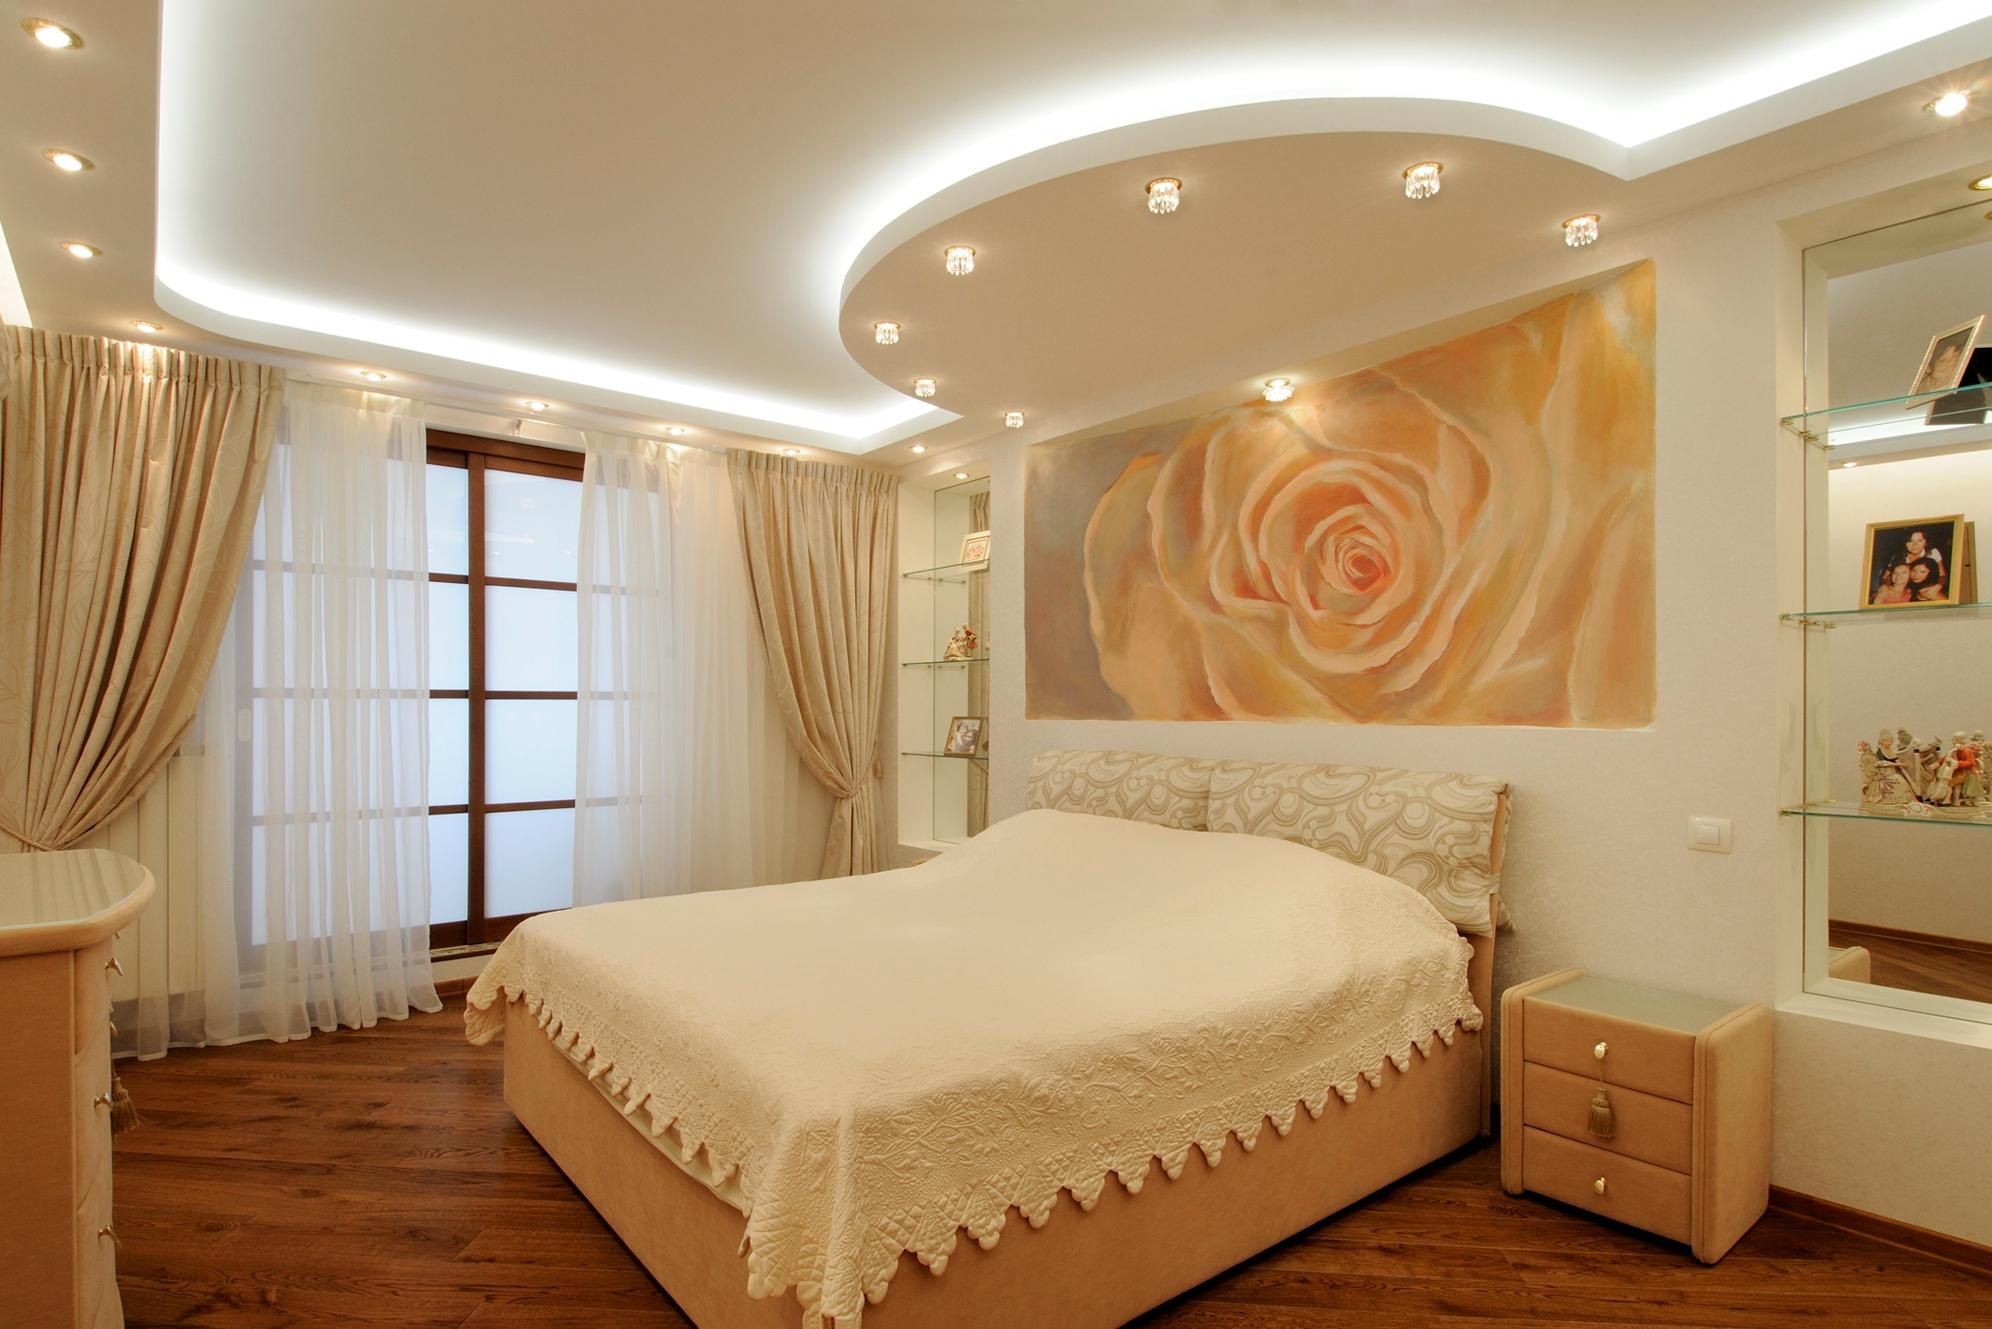 Подвесные потолки дизайн спальни